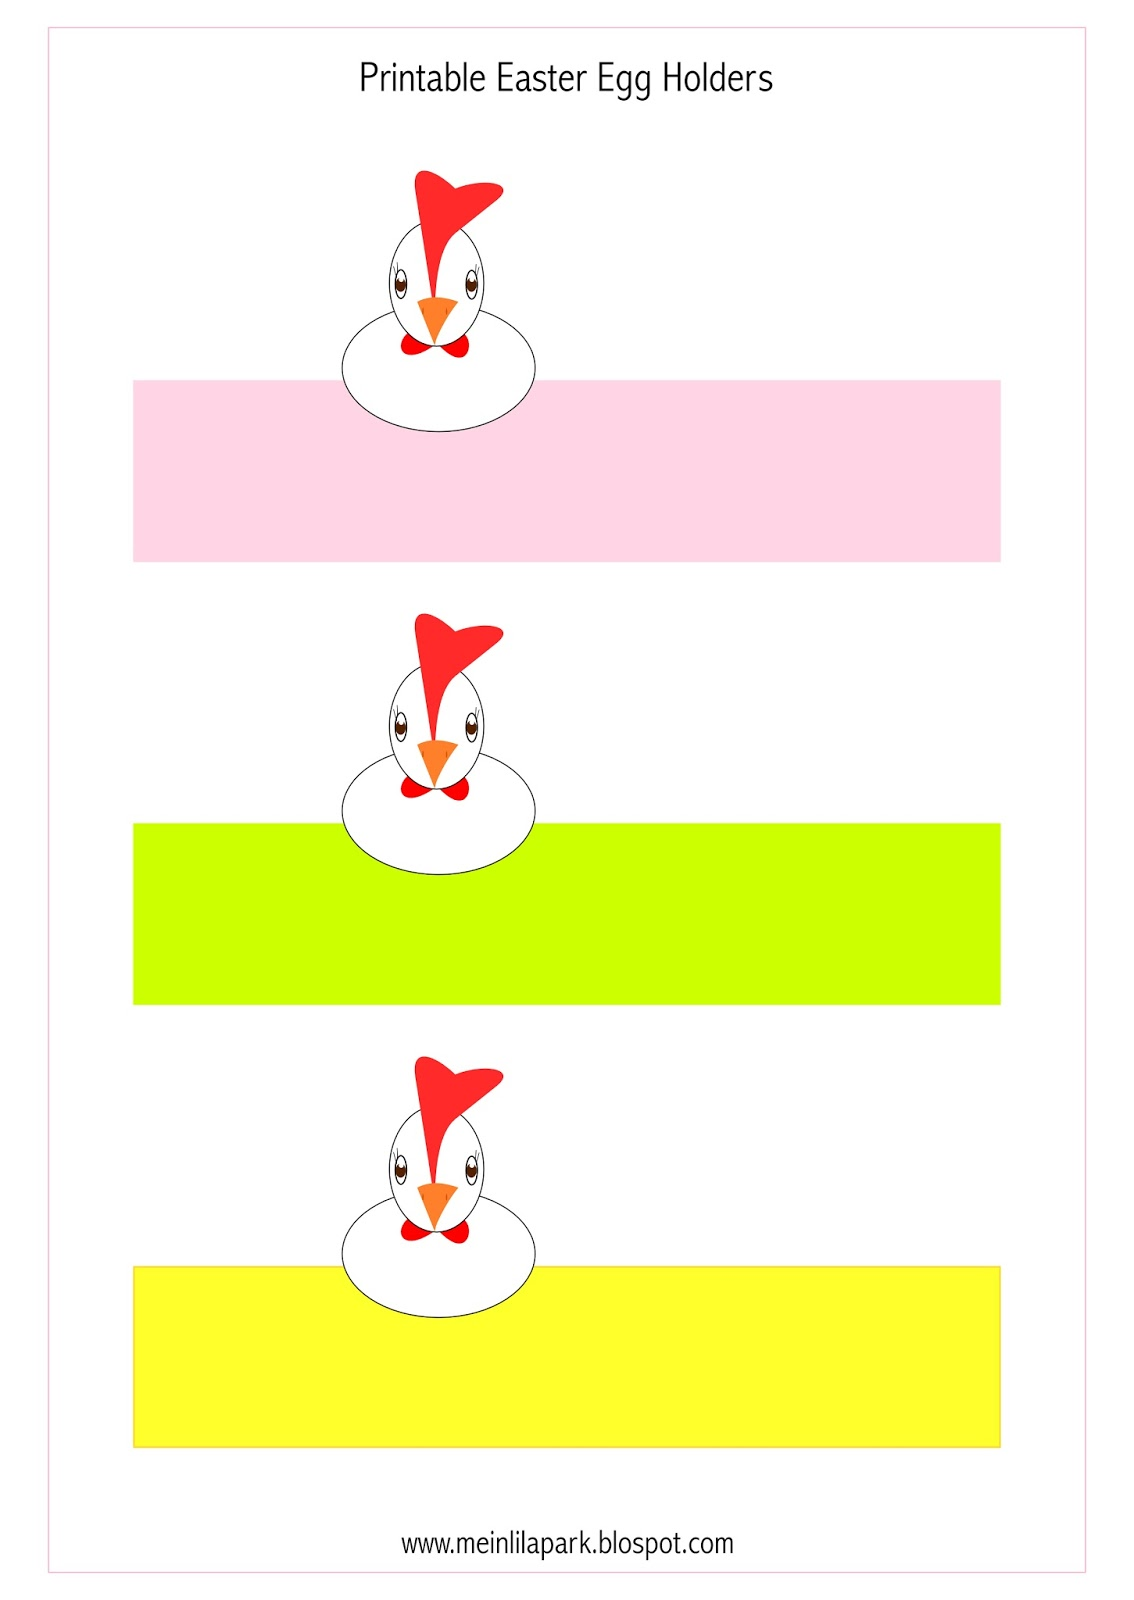 http://2.bp.blogspot.com/-WAUz4I6iFfw/VQluJ9kS_HI/AAAAAAAAiZU/eoMTBbA5hRw/s1600/Easter_Egg_Holders.jpg